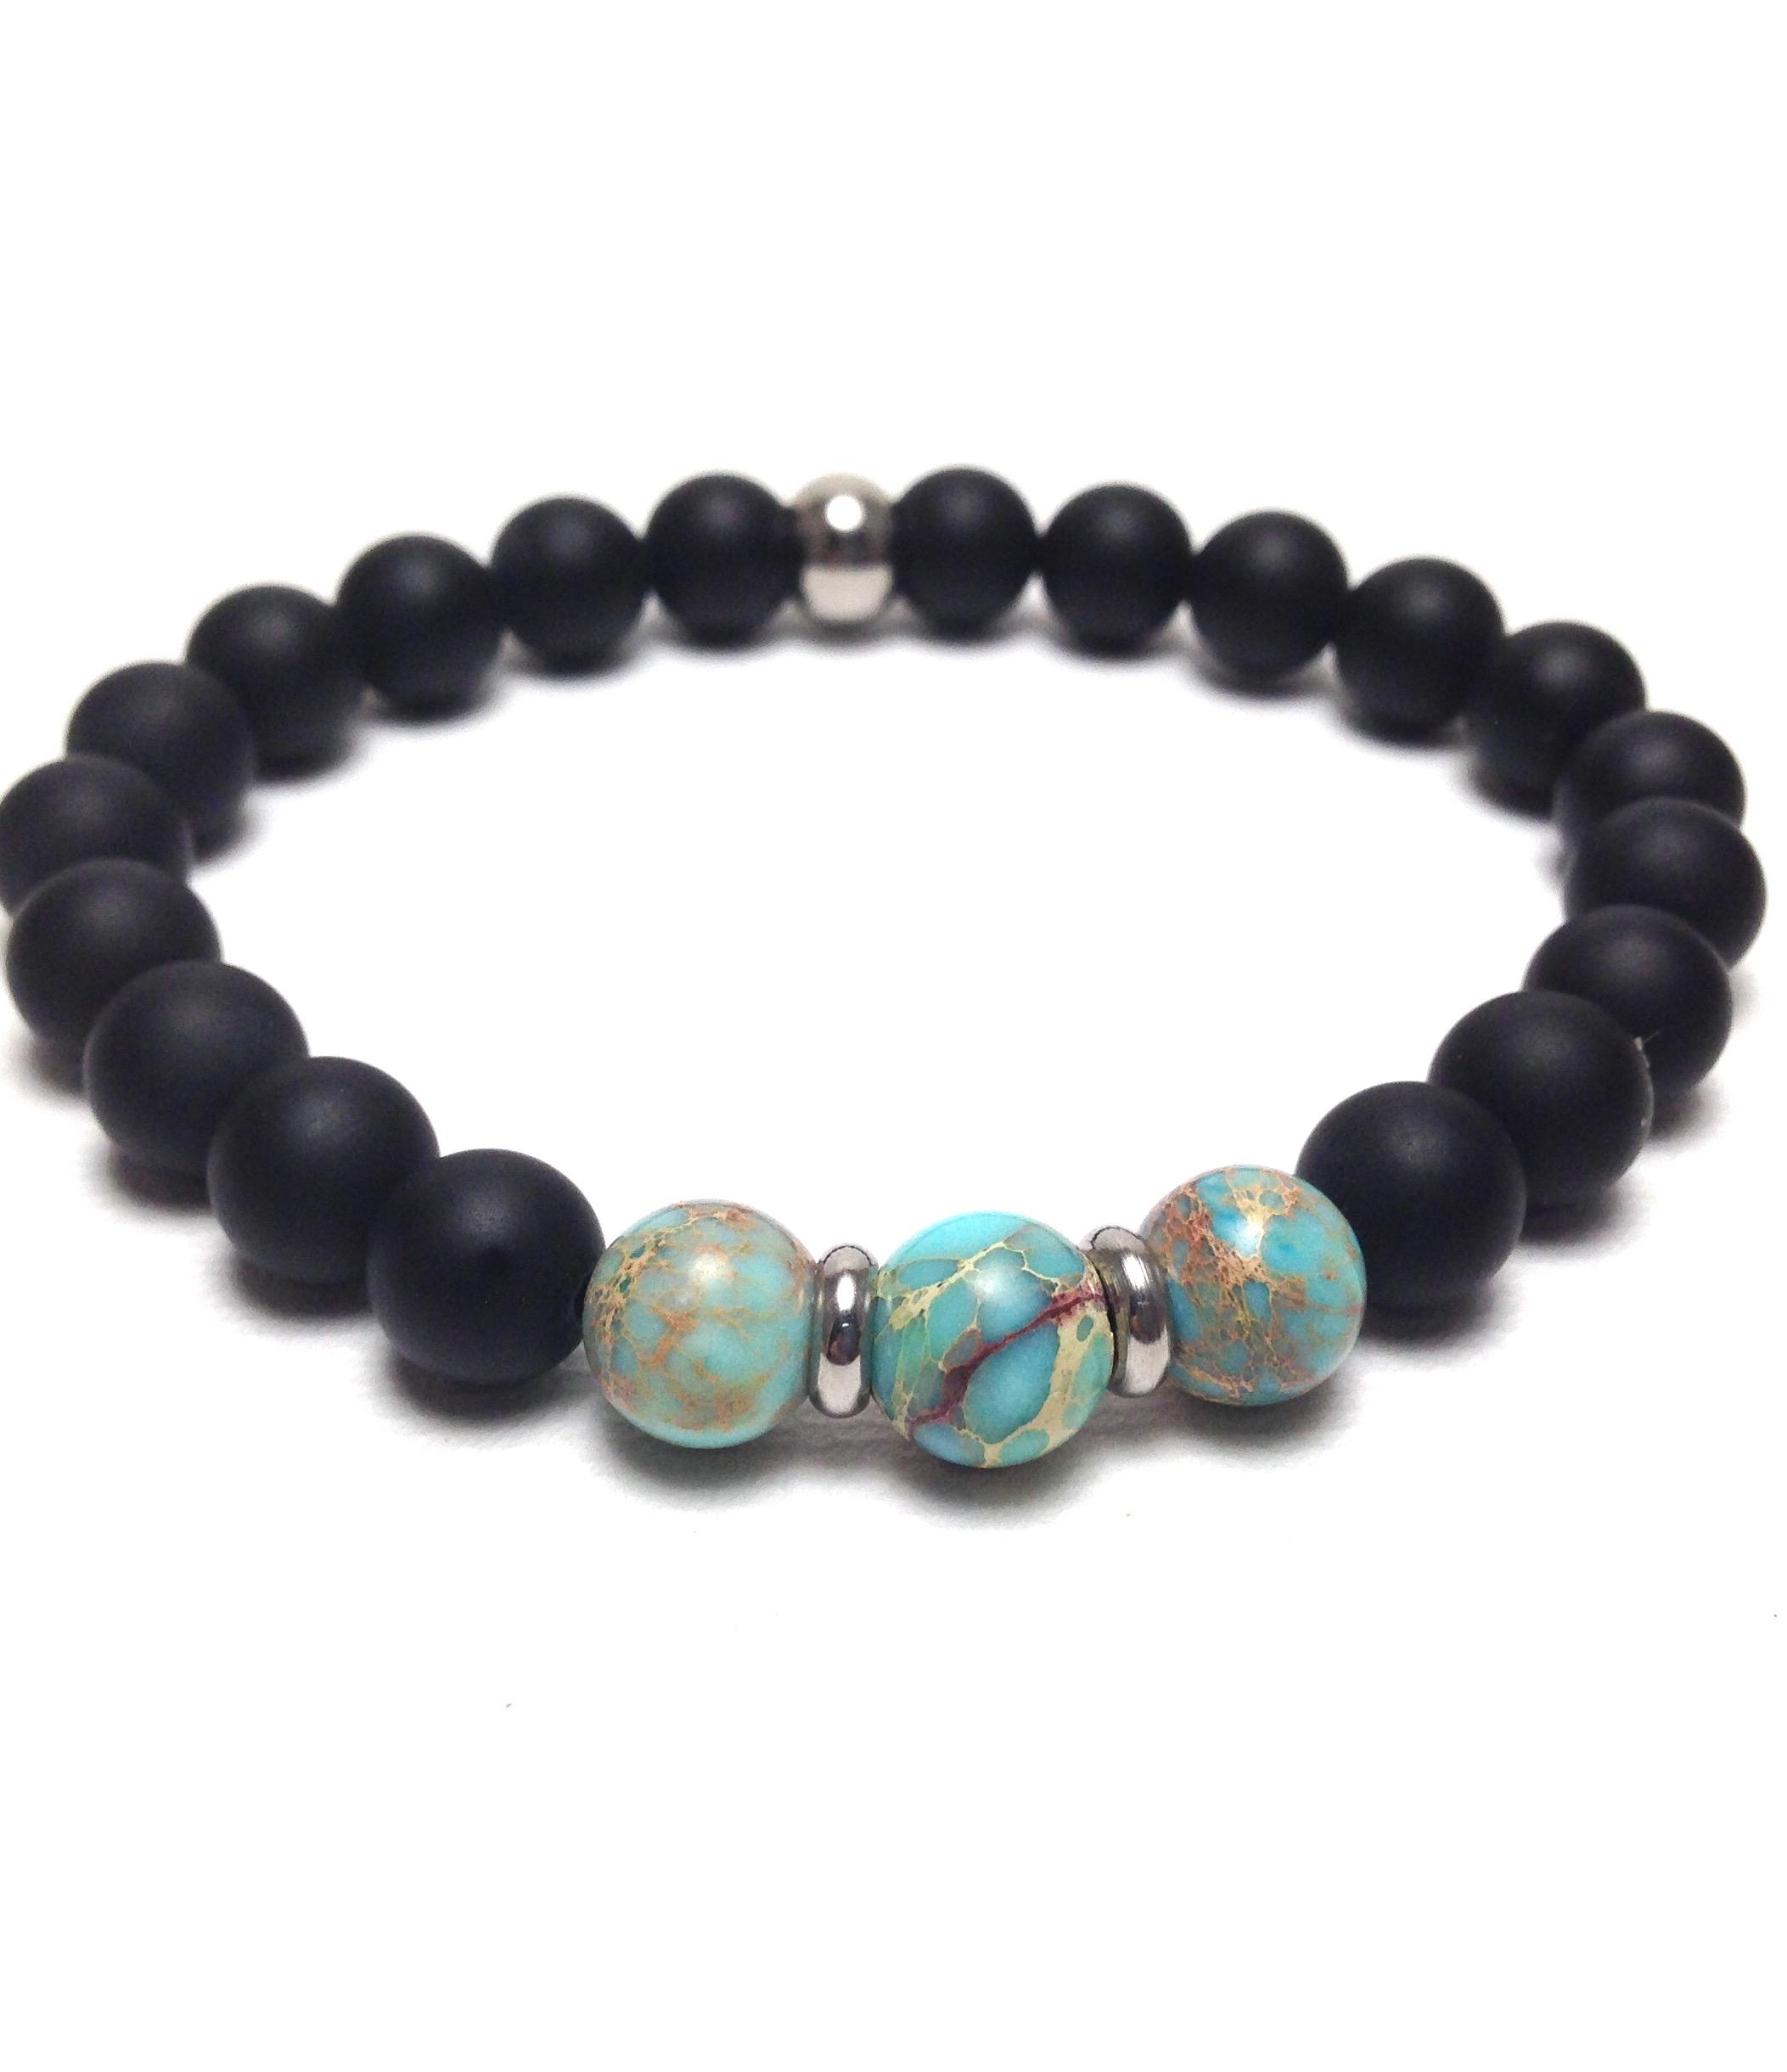 Men's jasper and onyx stainless steel bracelet